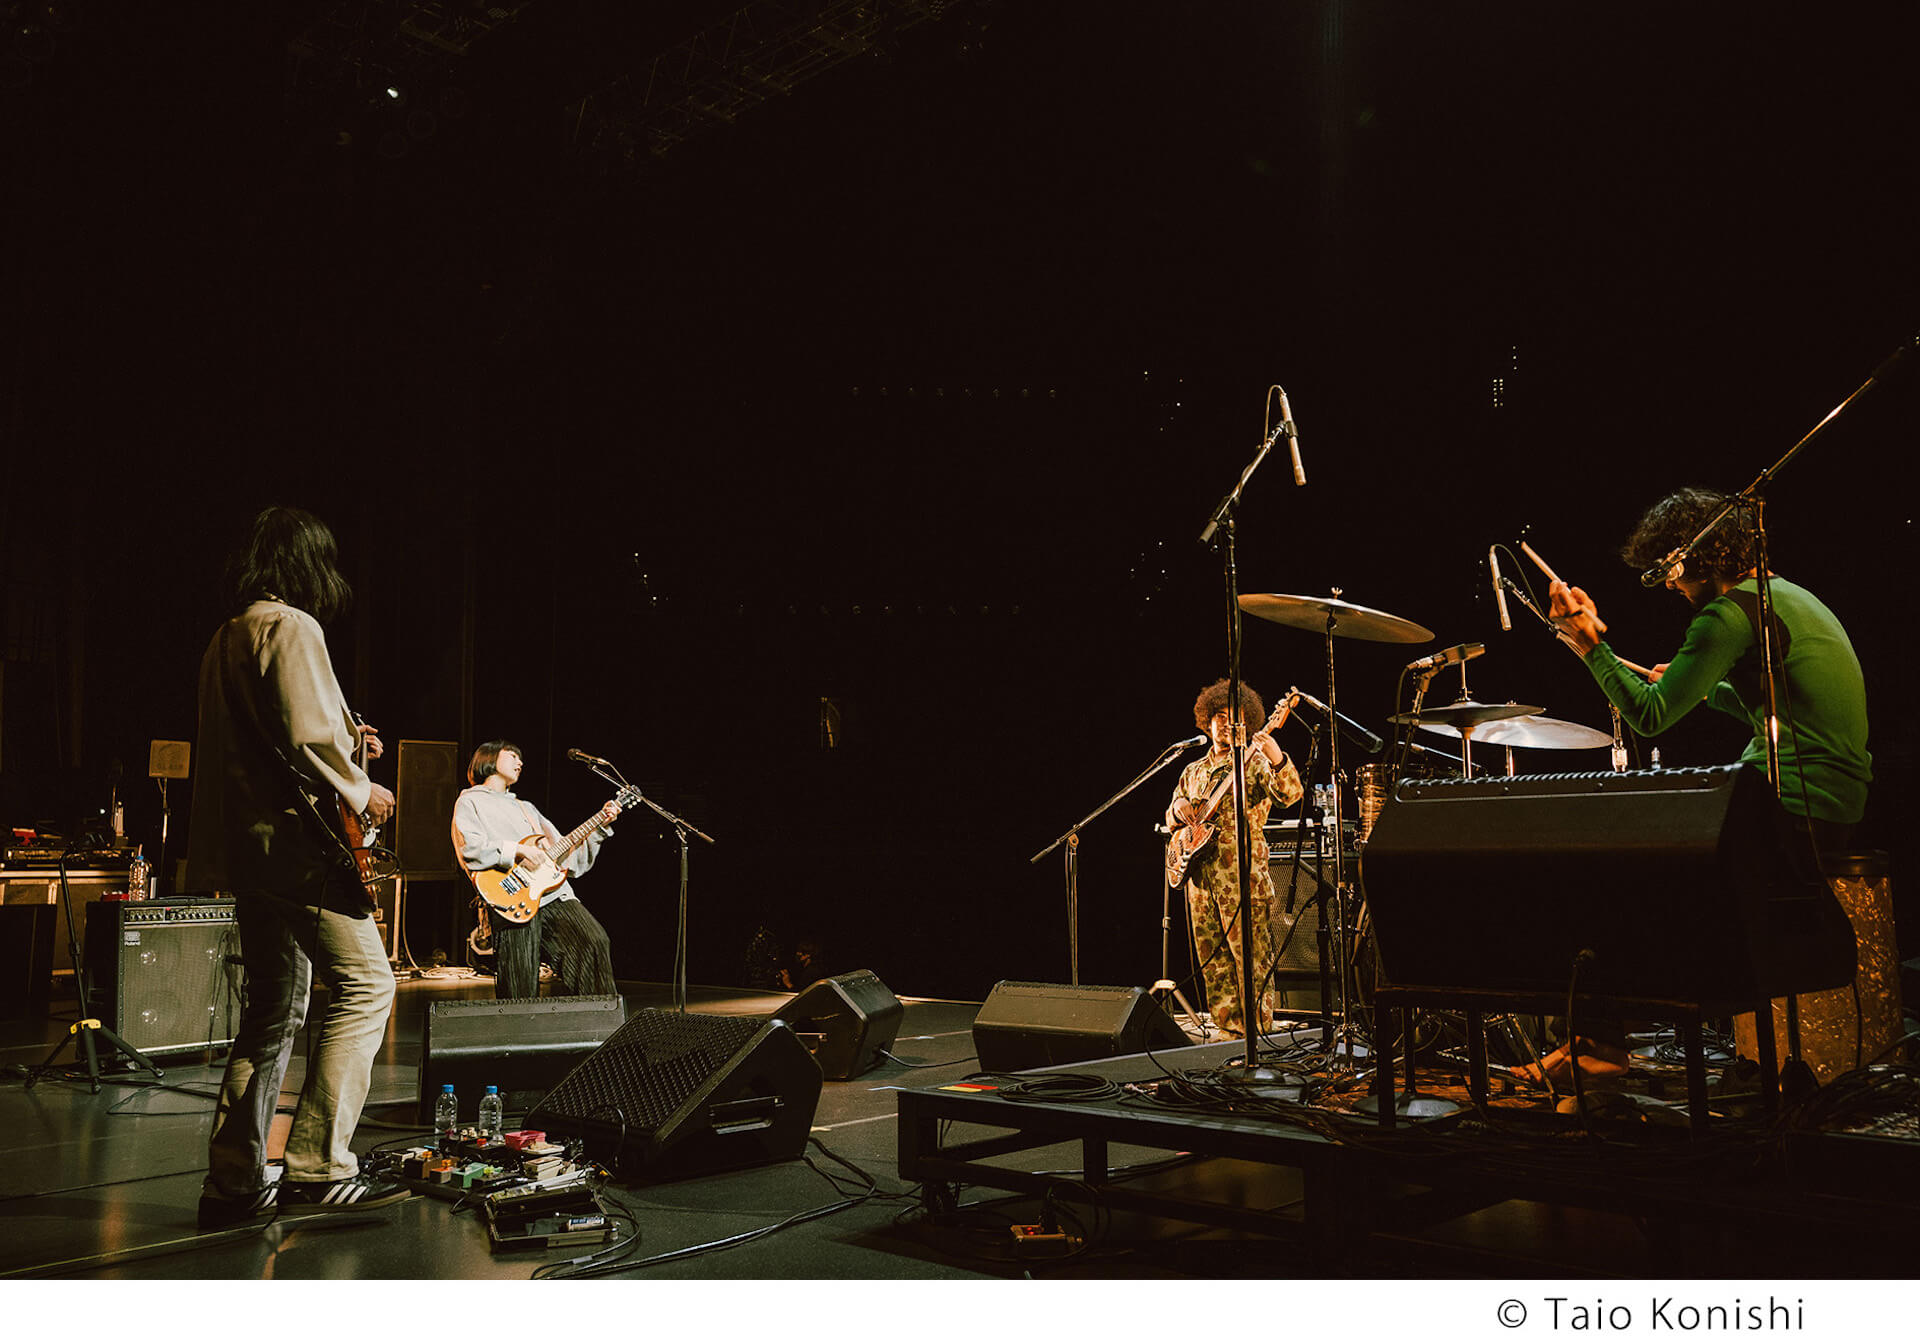 折坂悠太、カネコアヤノ、PUNPEEらが熱演!<KEEP ON FUJI ROCKIN' II >のオフィシャルレポートが公開 music210107_fujirock-013